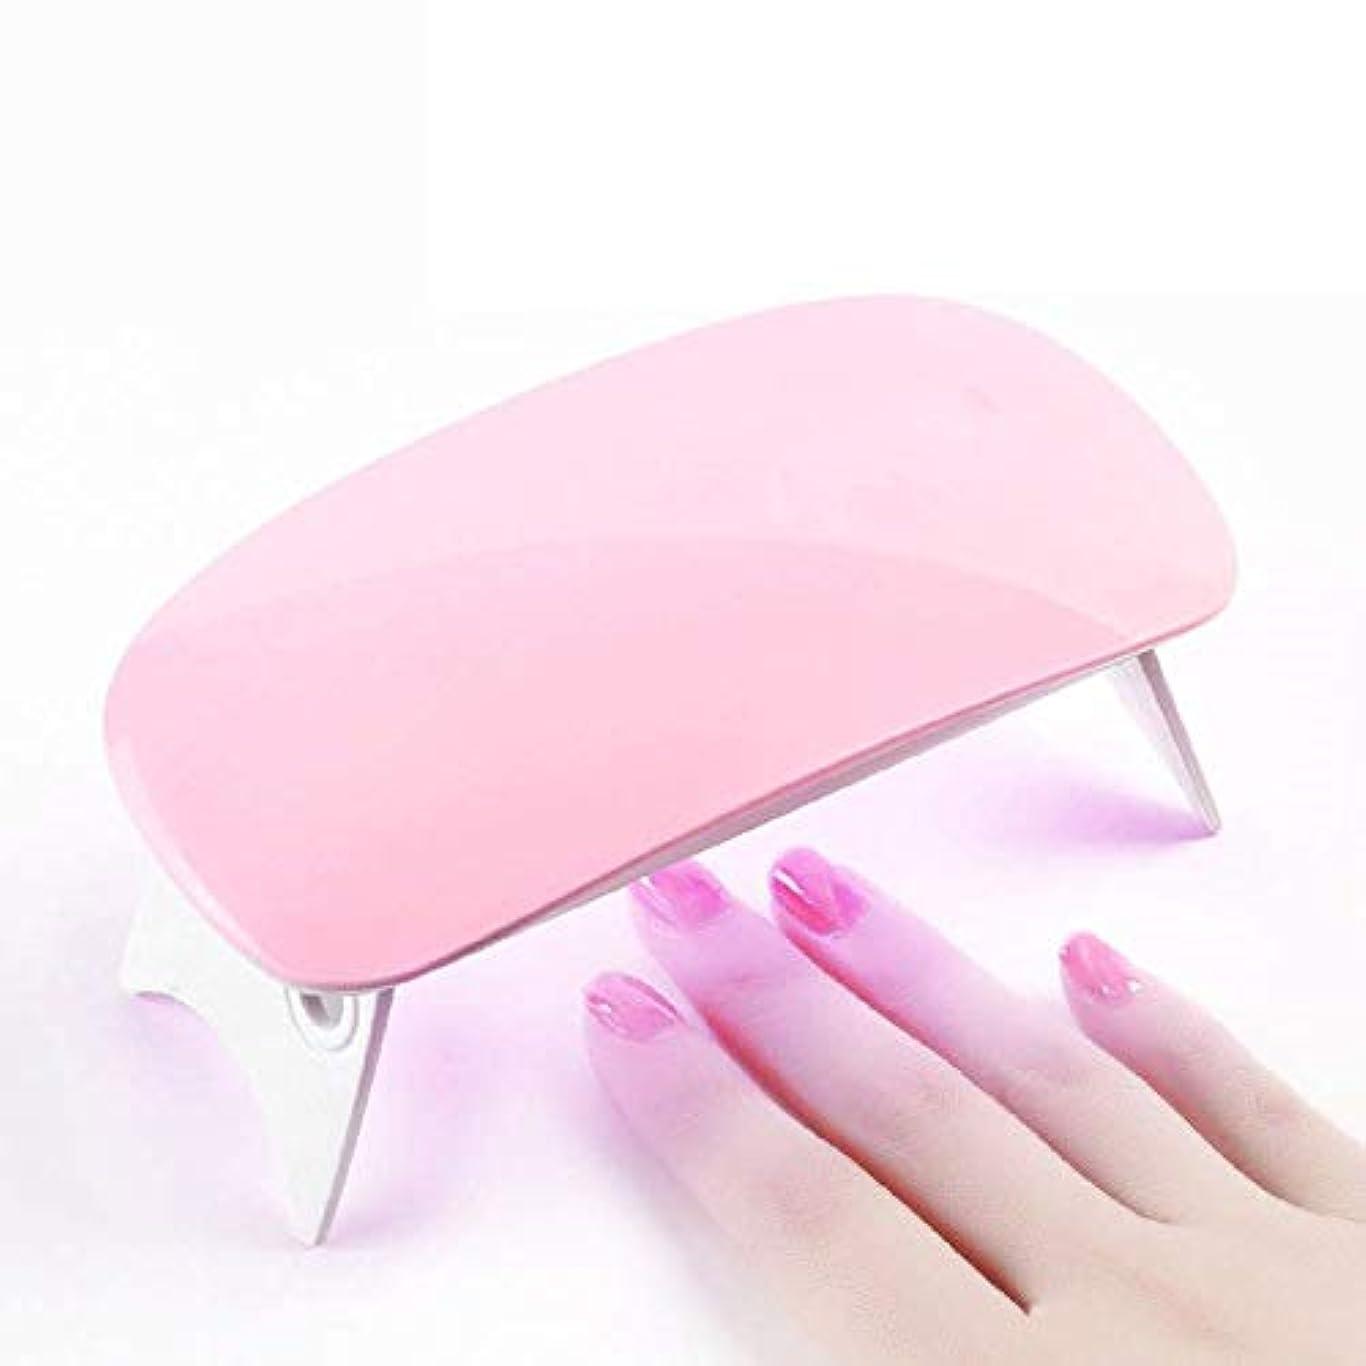 キャンディー適応するパワーLEDネイルドライヤー UVライト 折りたたみ式手足とも使える LED 硬化ライト UV と LEDダブルライト ジェルネイル用 (ピンク)